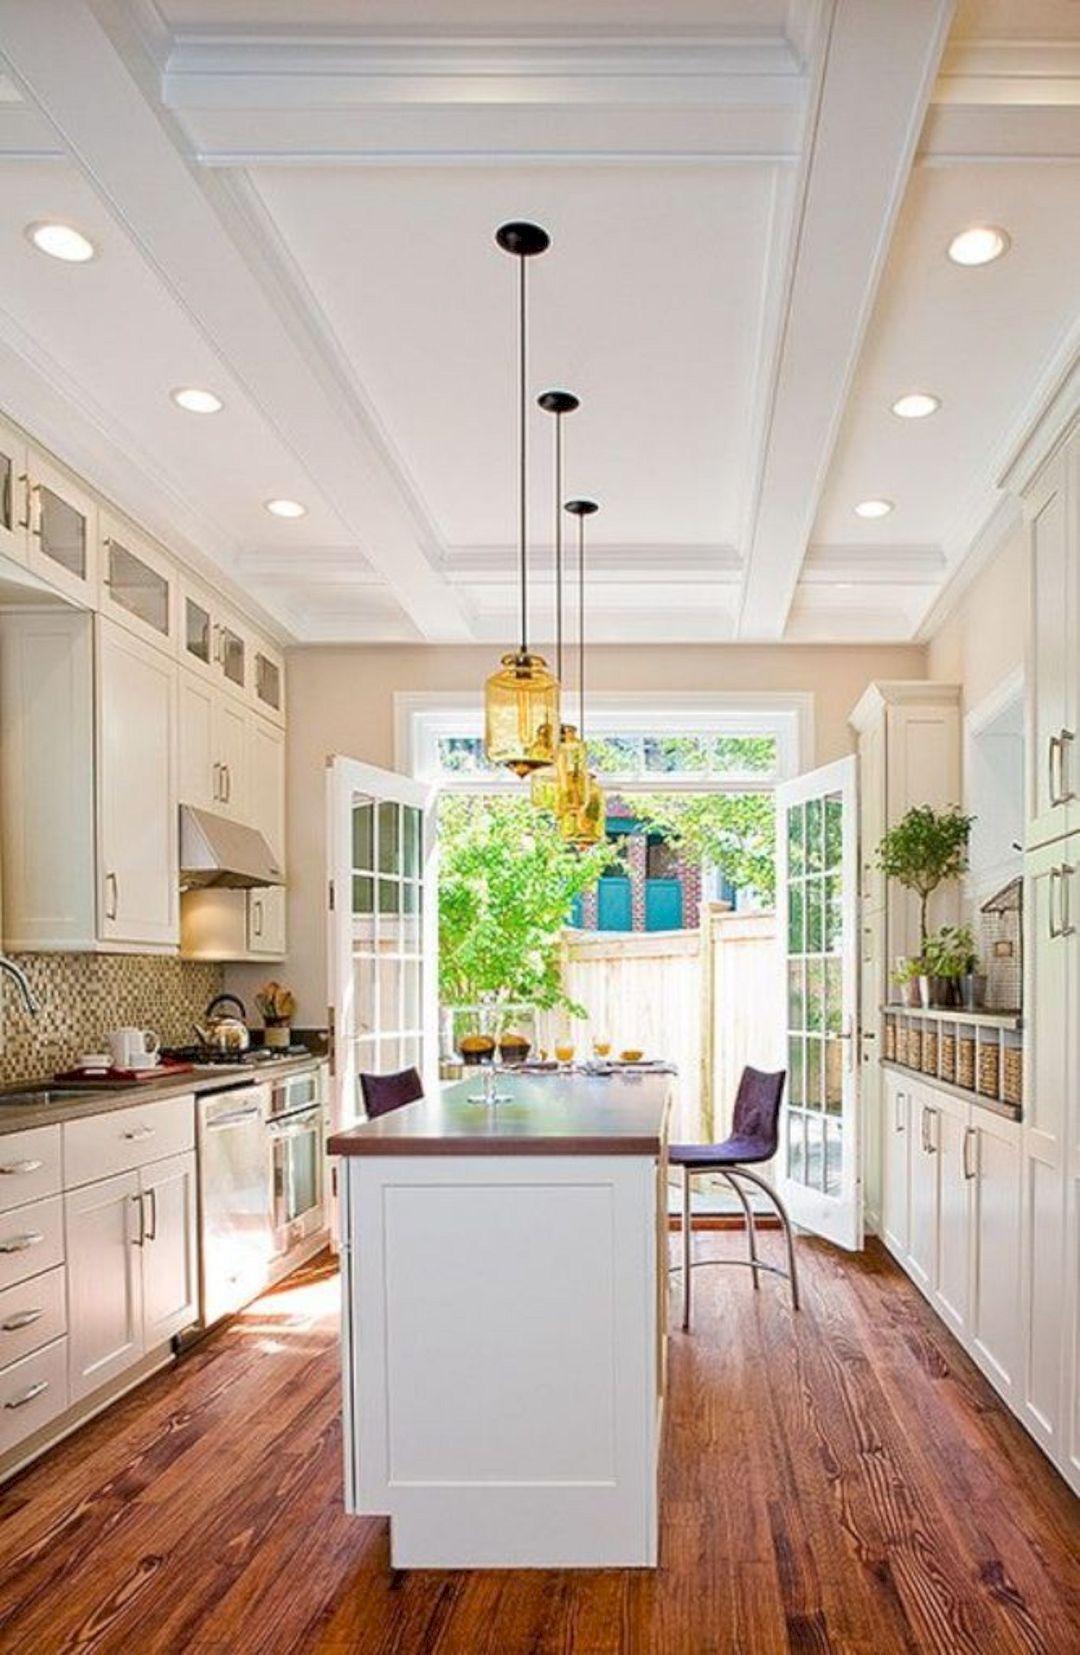 row house interior design ideas  futurist architecture also kitchen galley rh pinterest